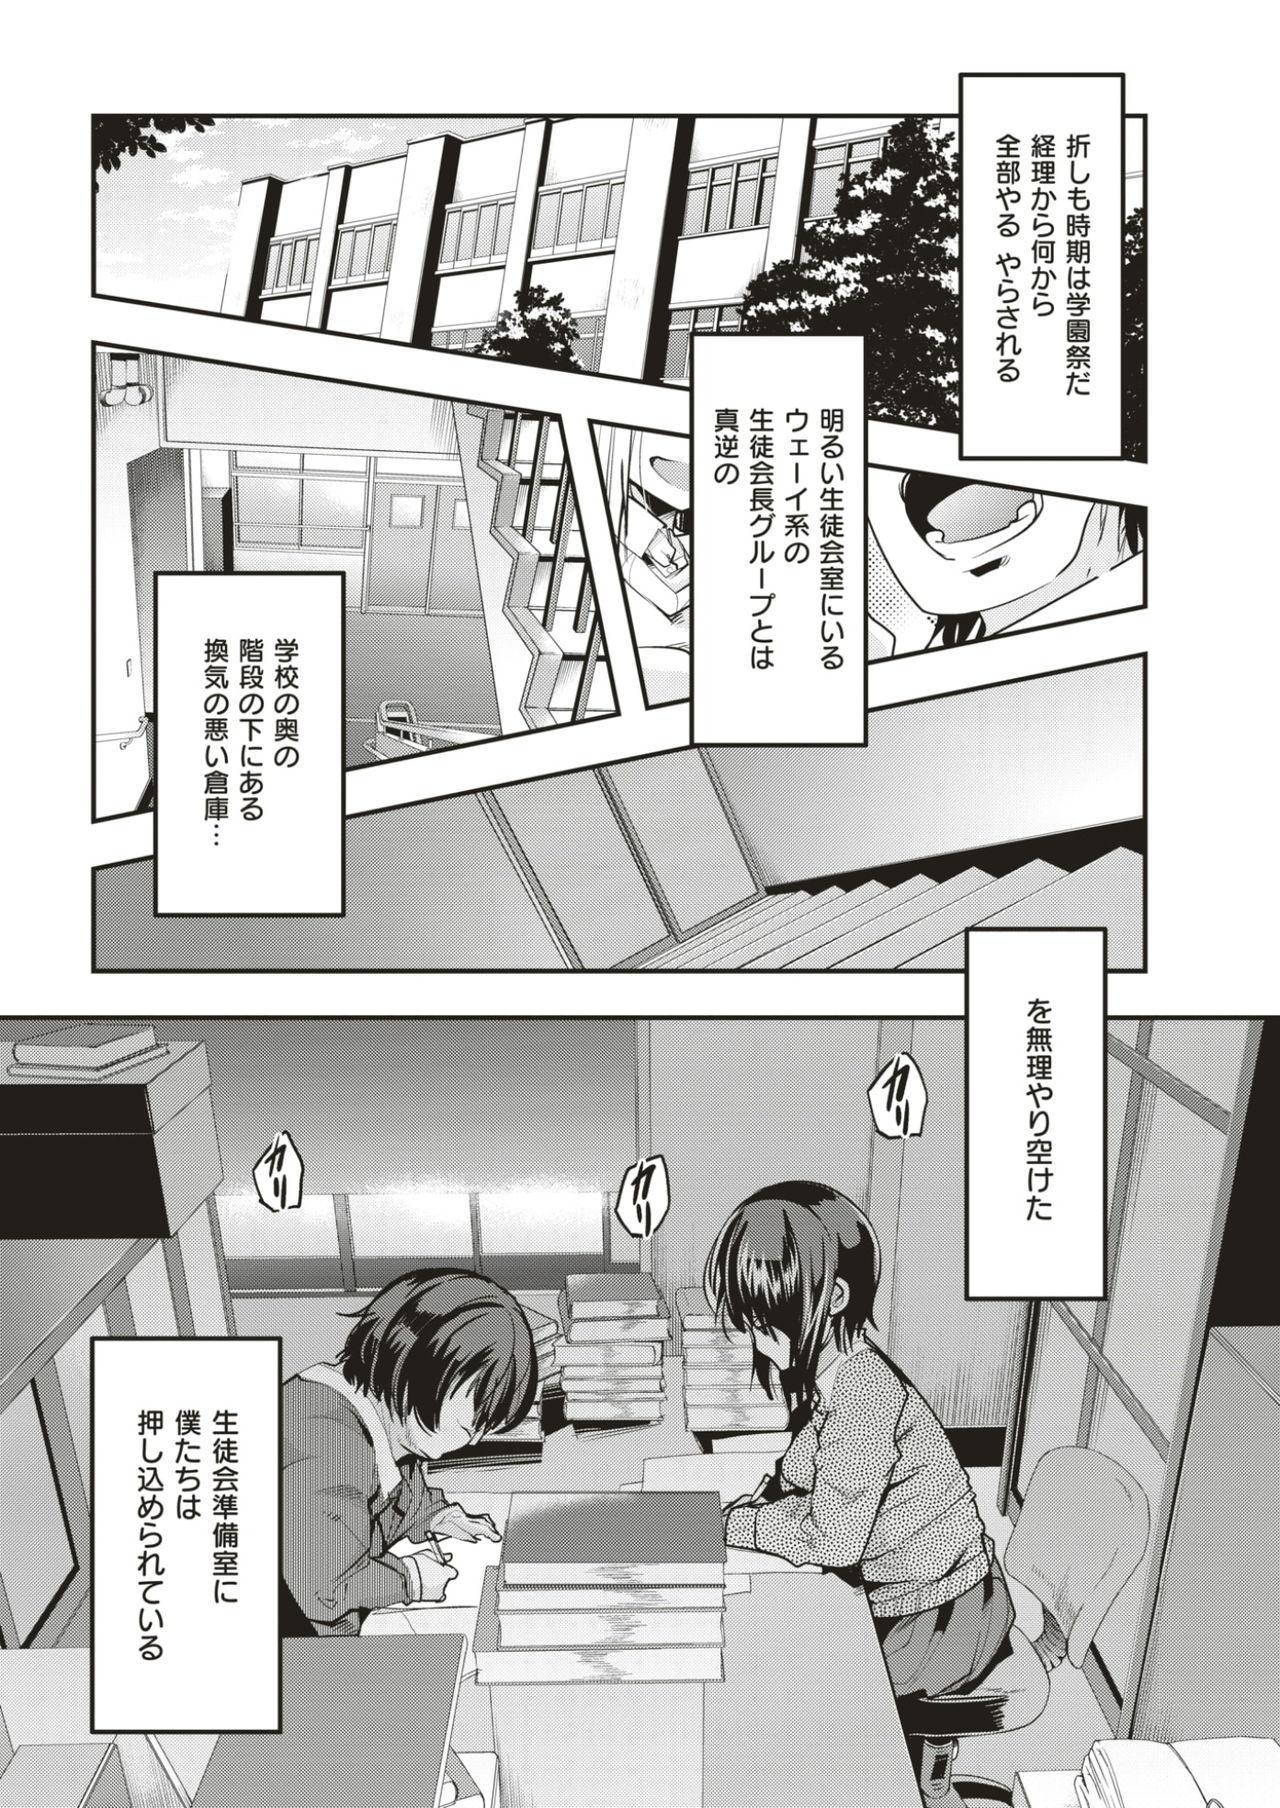 COMIC Kairakuten BEAST 2017-03 290